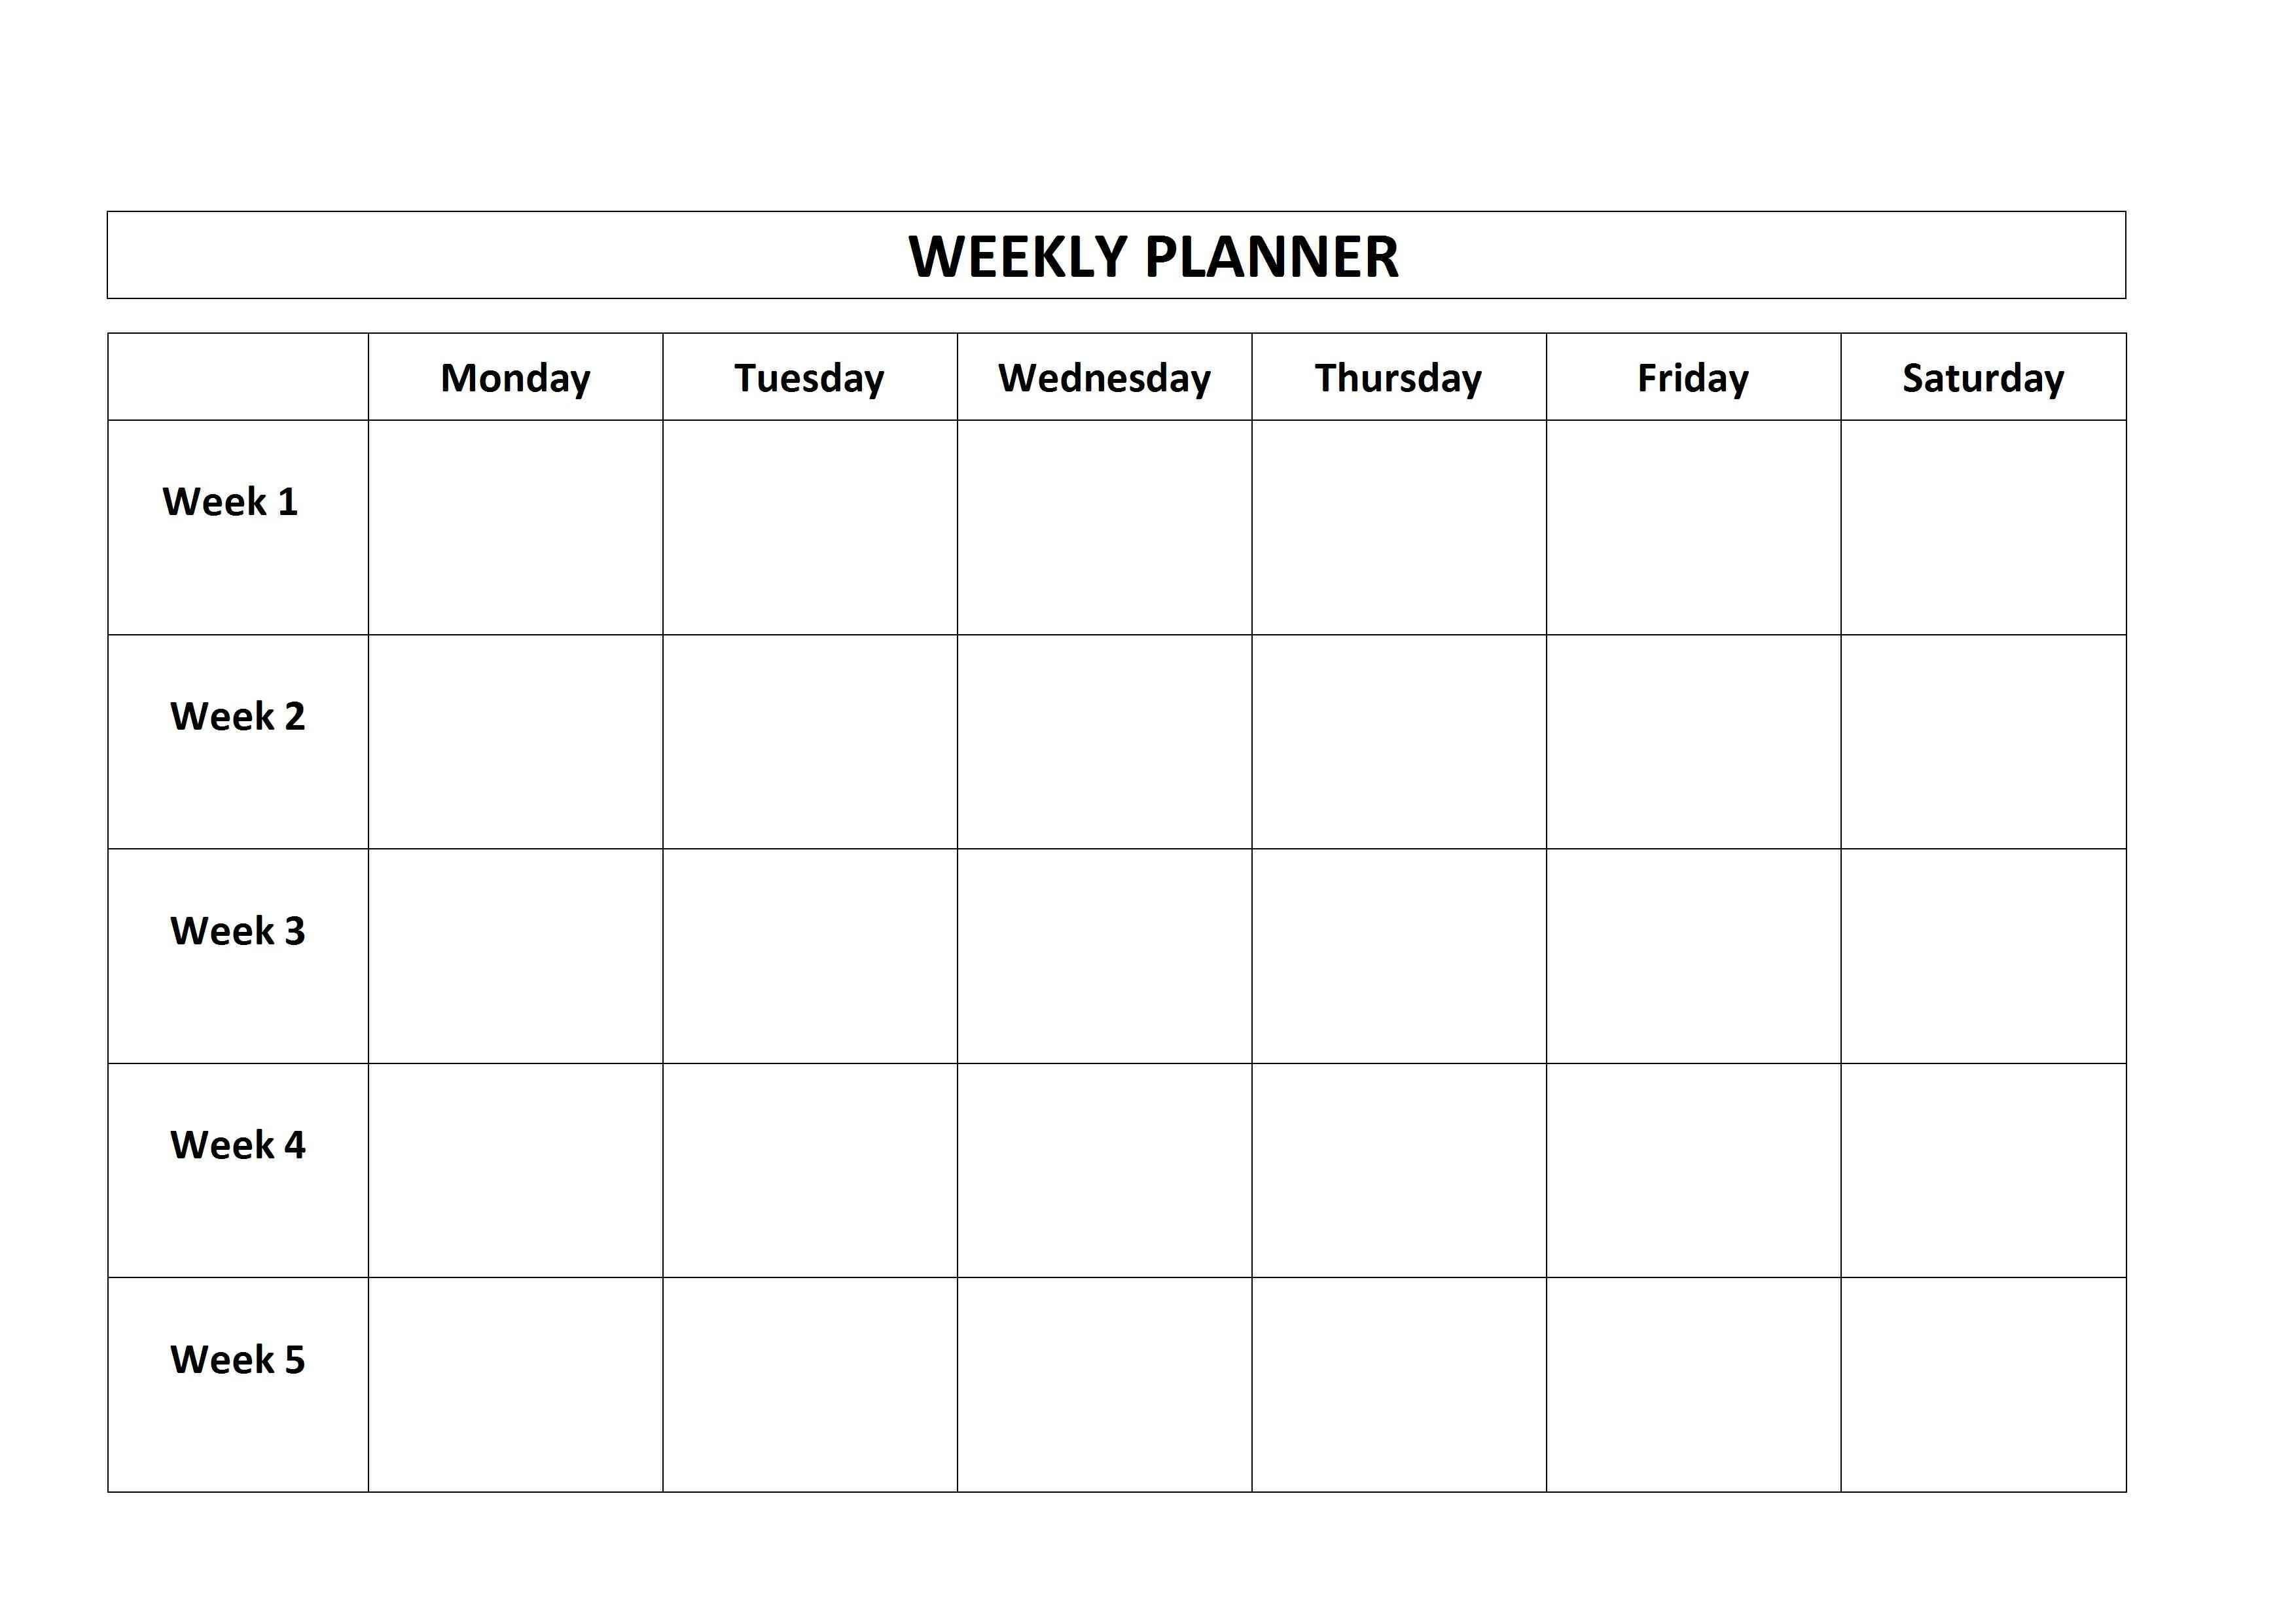 Calendar   Freewordtemplates.net - Part 4